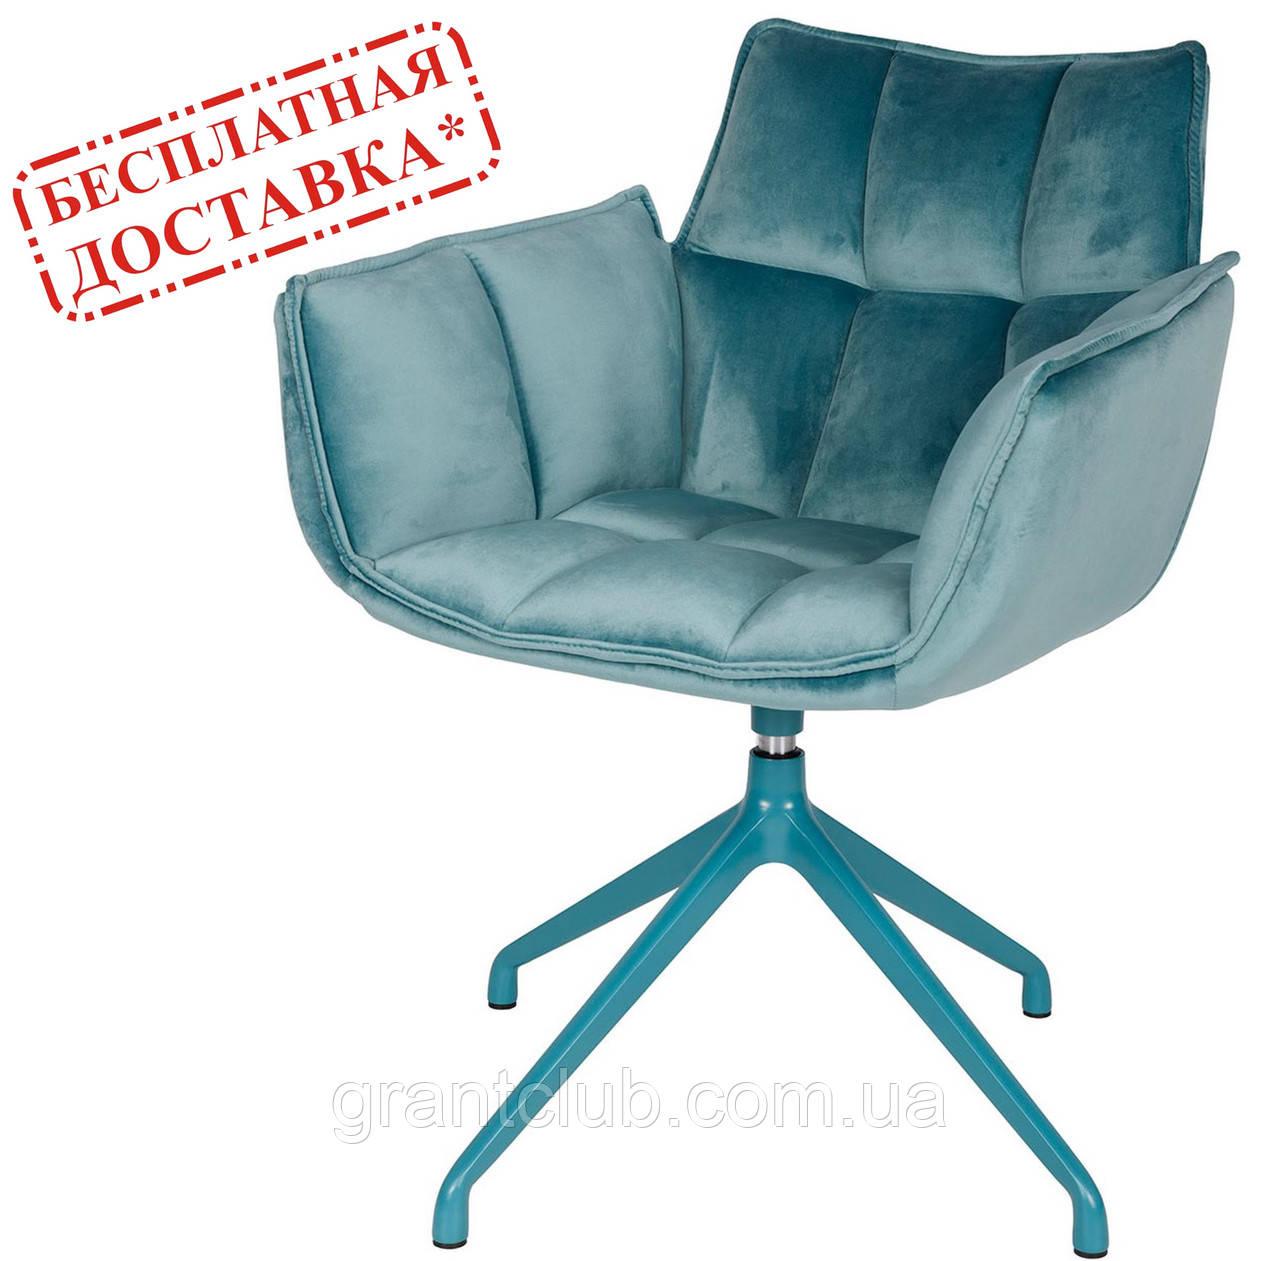 Кресло поворотное CHARDONNE (Шардоне) велюр бирюзовый Nicolas (бесплатная адресная доставка)